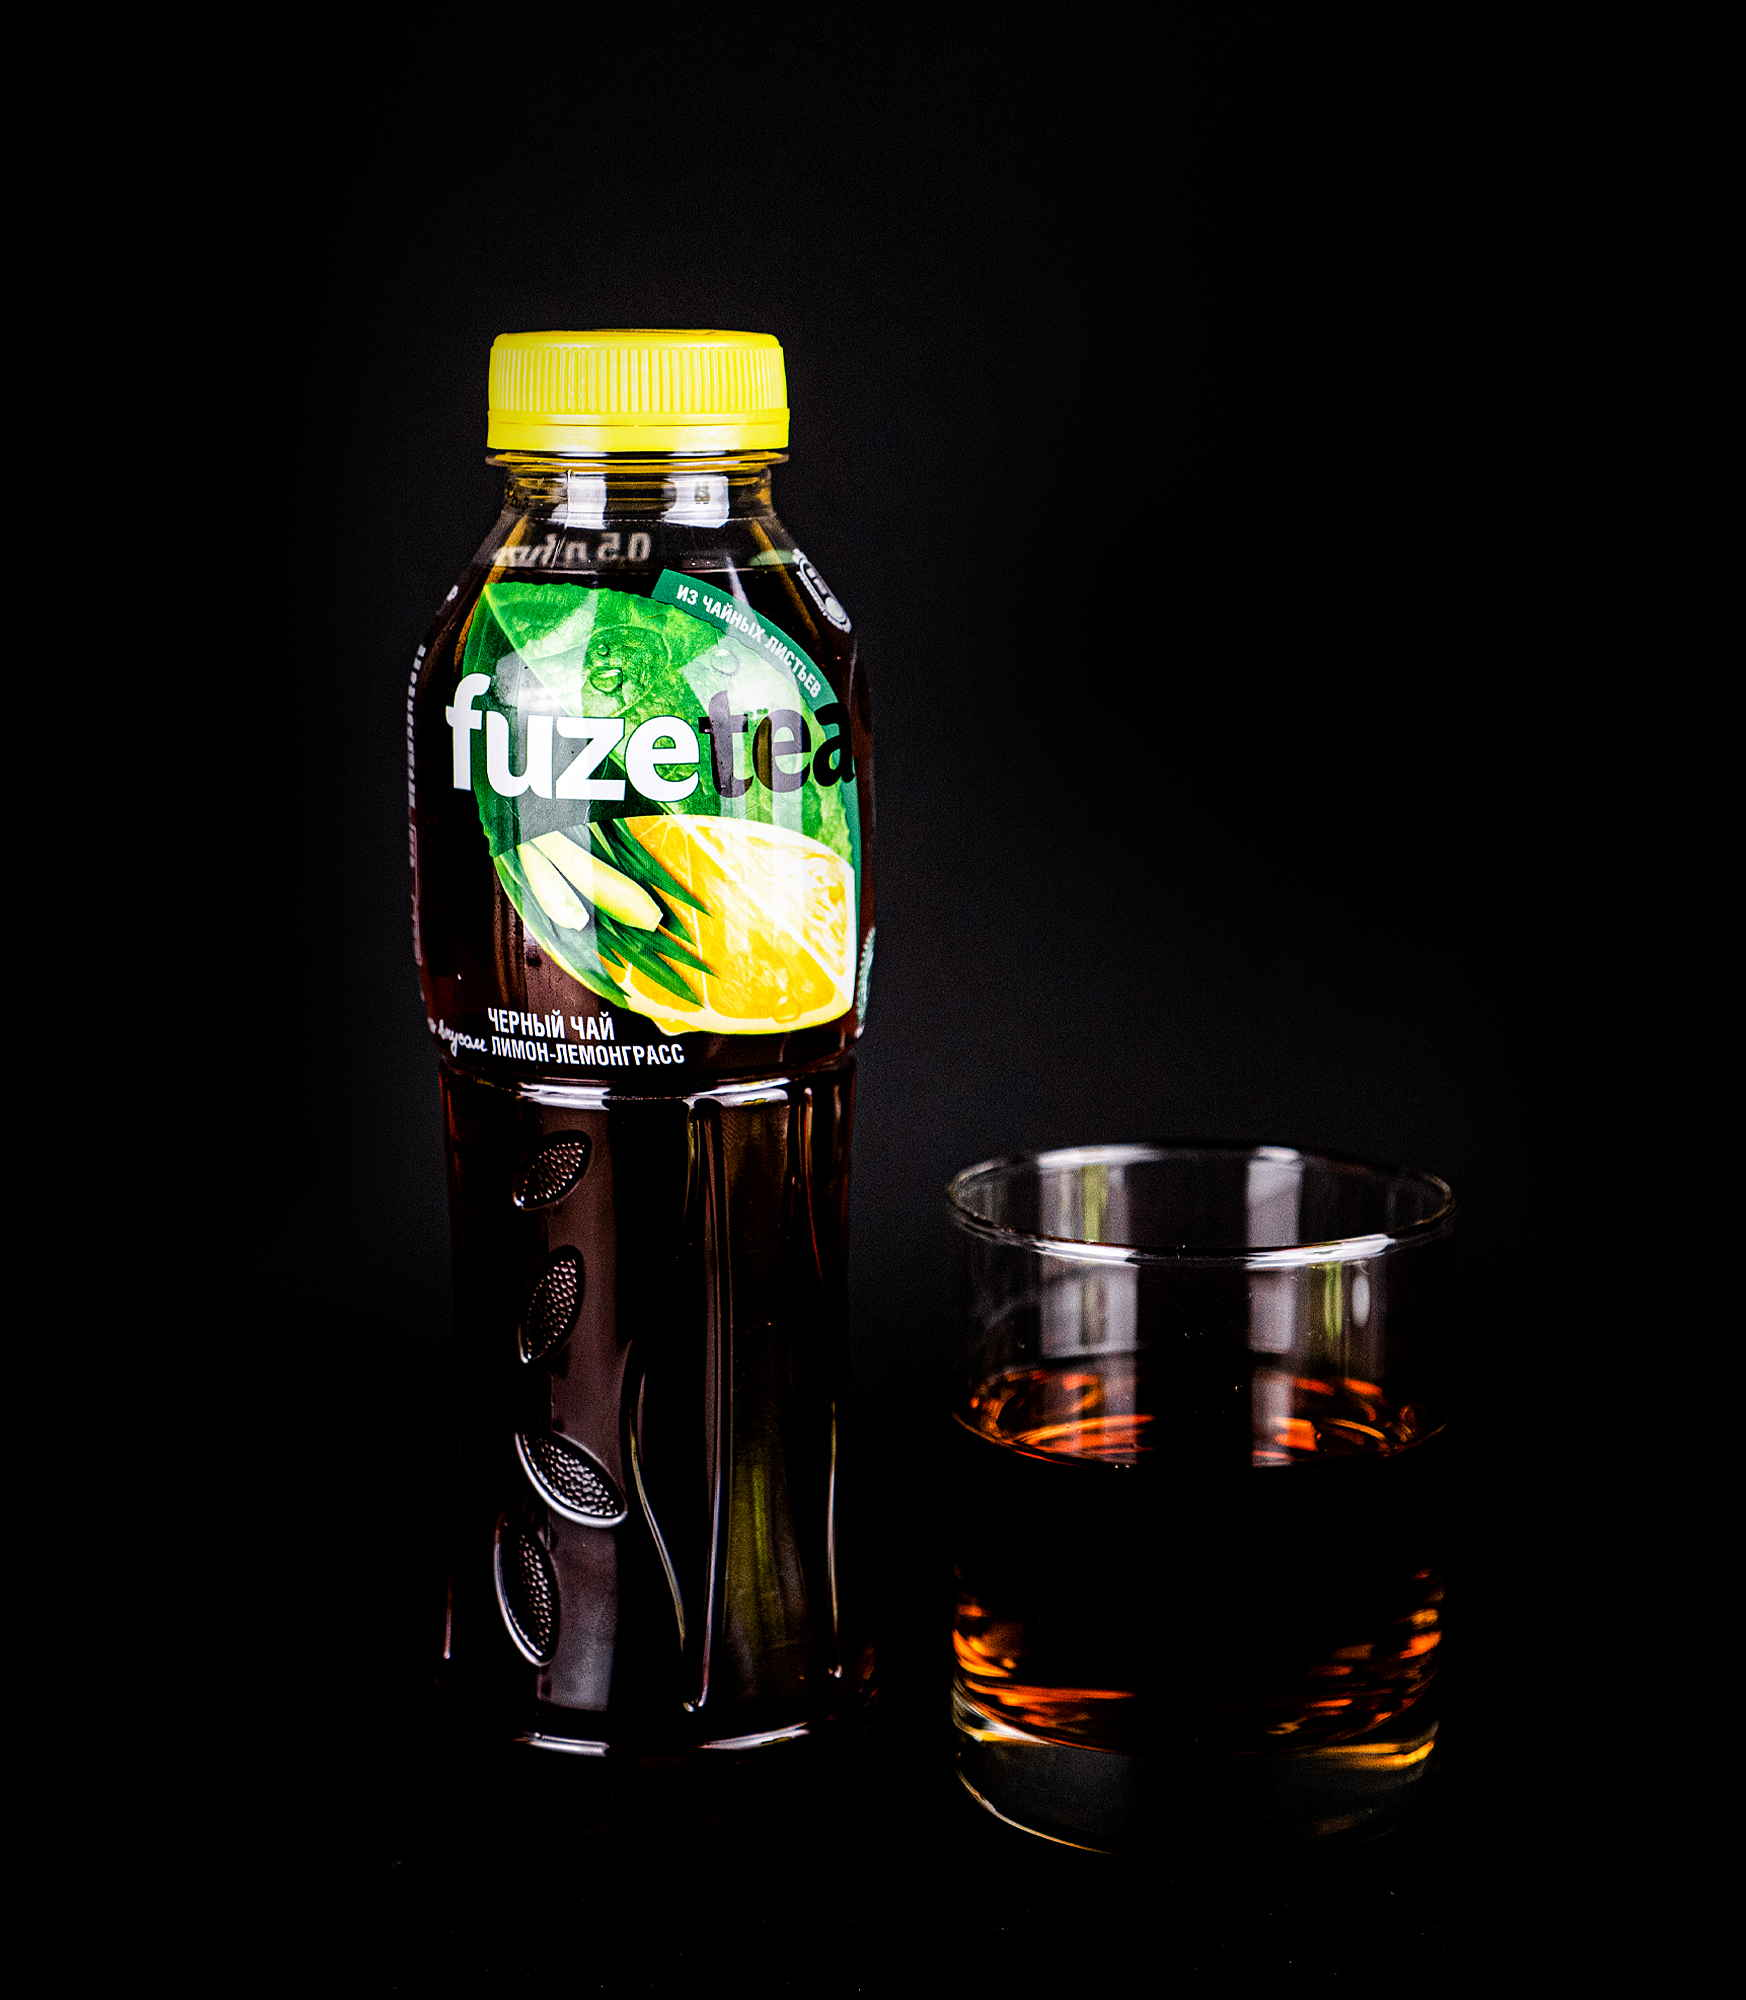 Холодный чай Фьюзти лимон-лемонграсс доставка в Орле ресторан Лабиринт